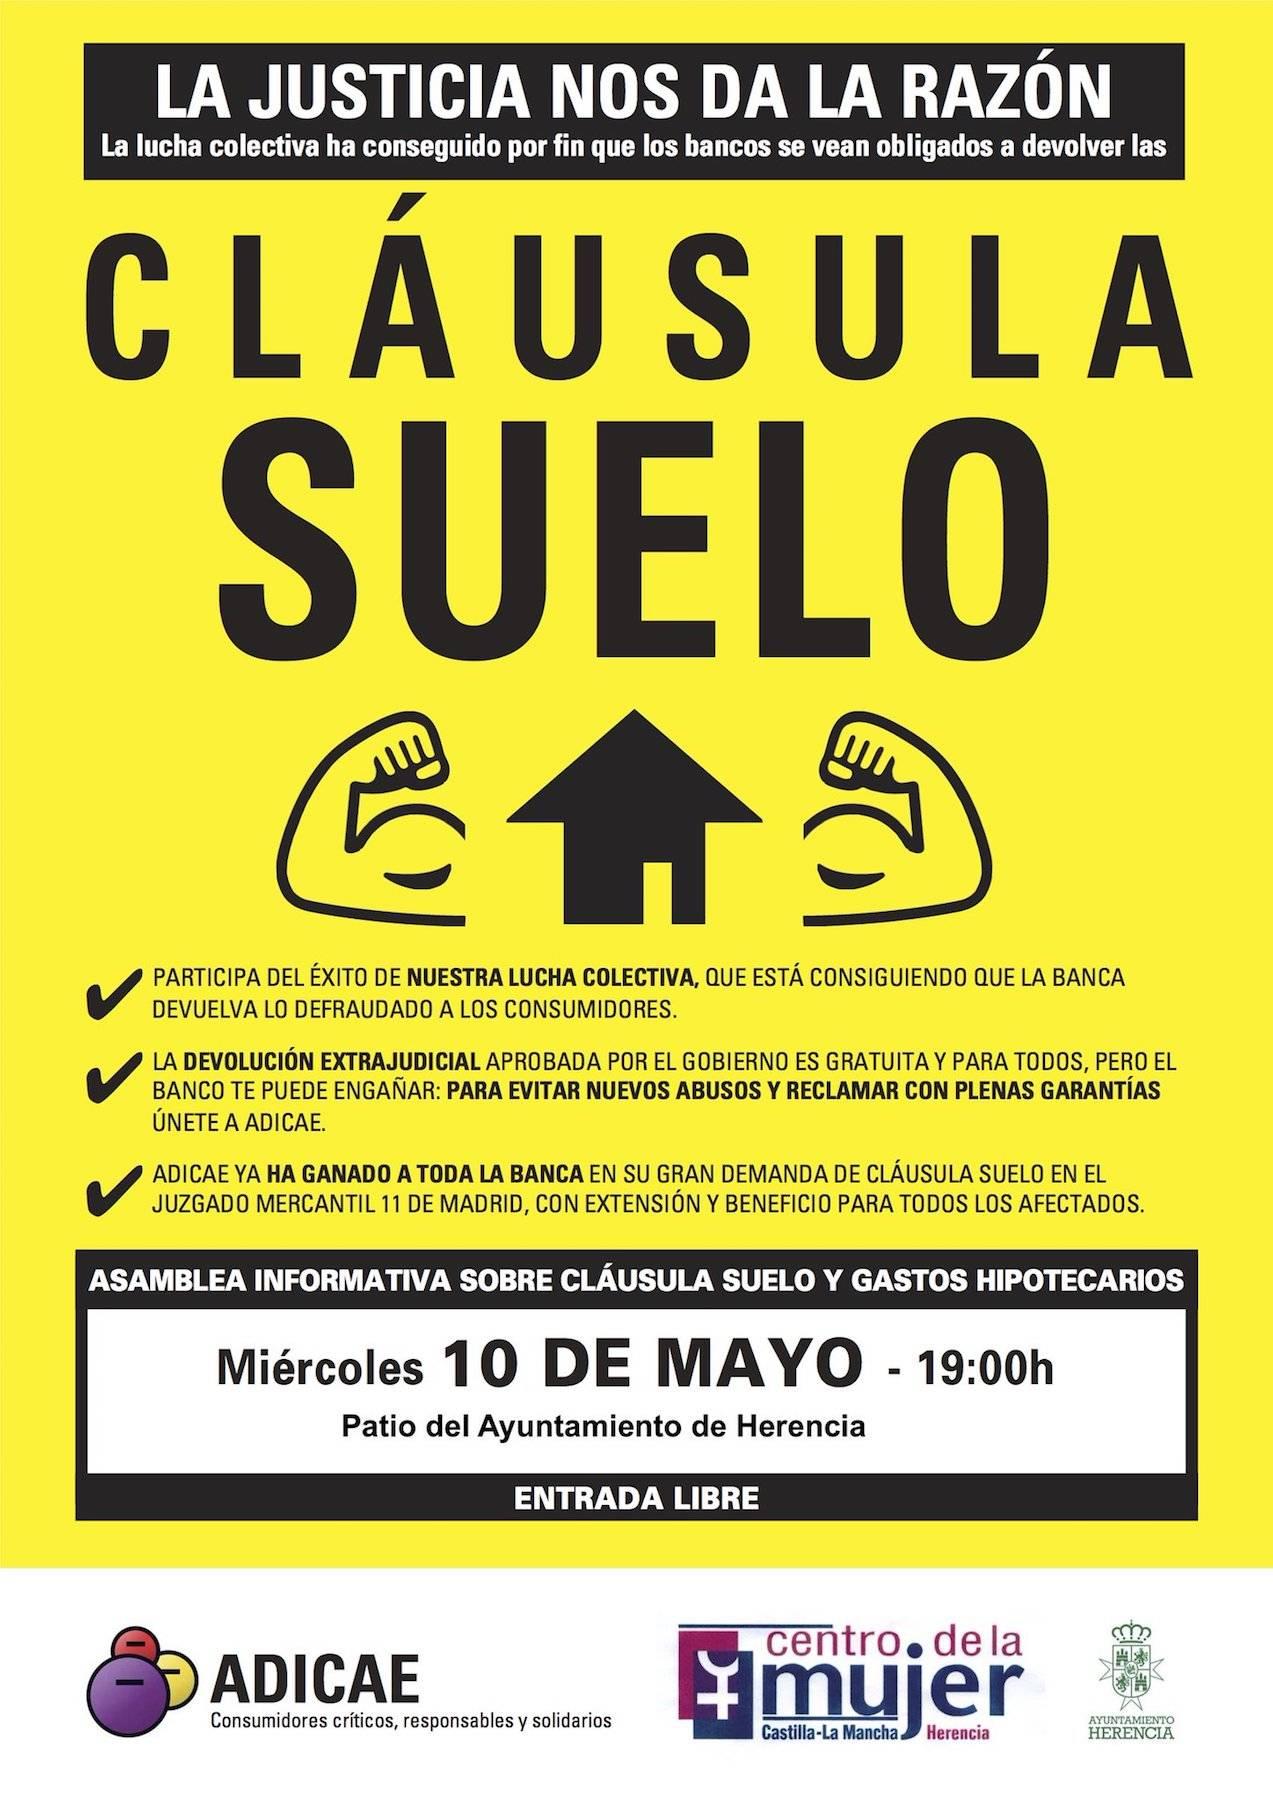 Asamblea informativa sobre la cláusula suelo el próximo 10 de mayo 3